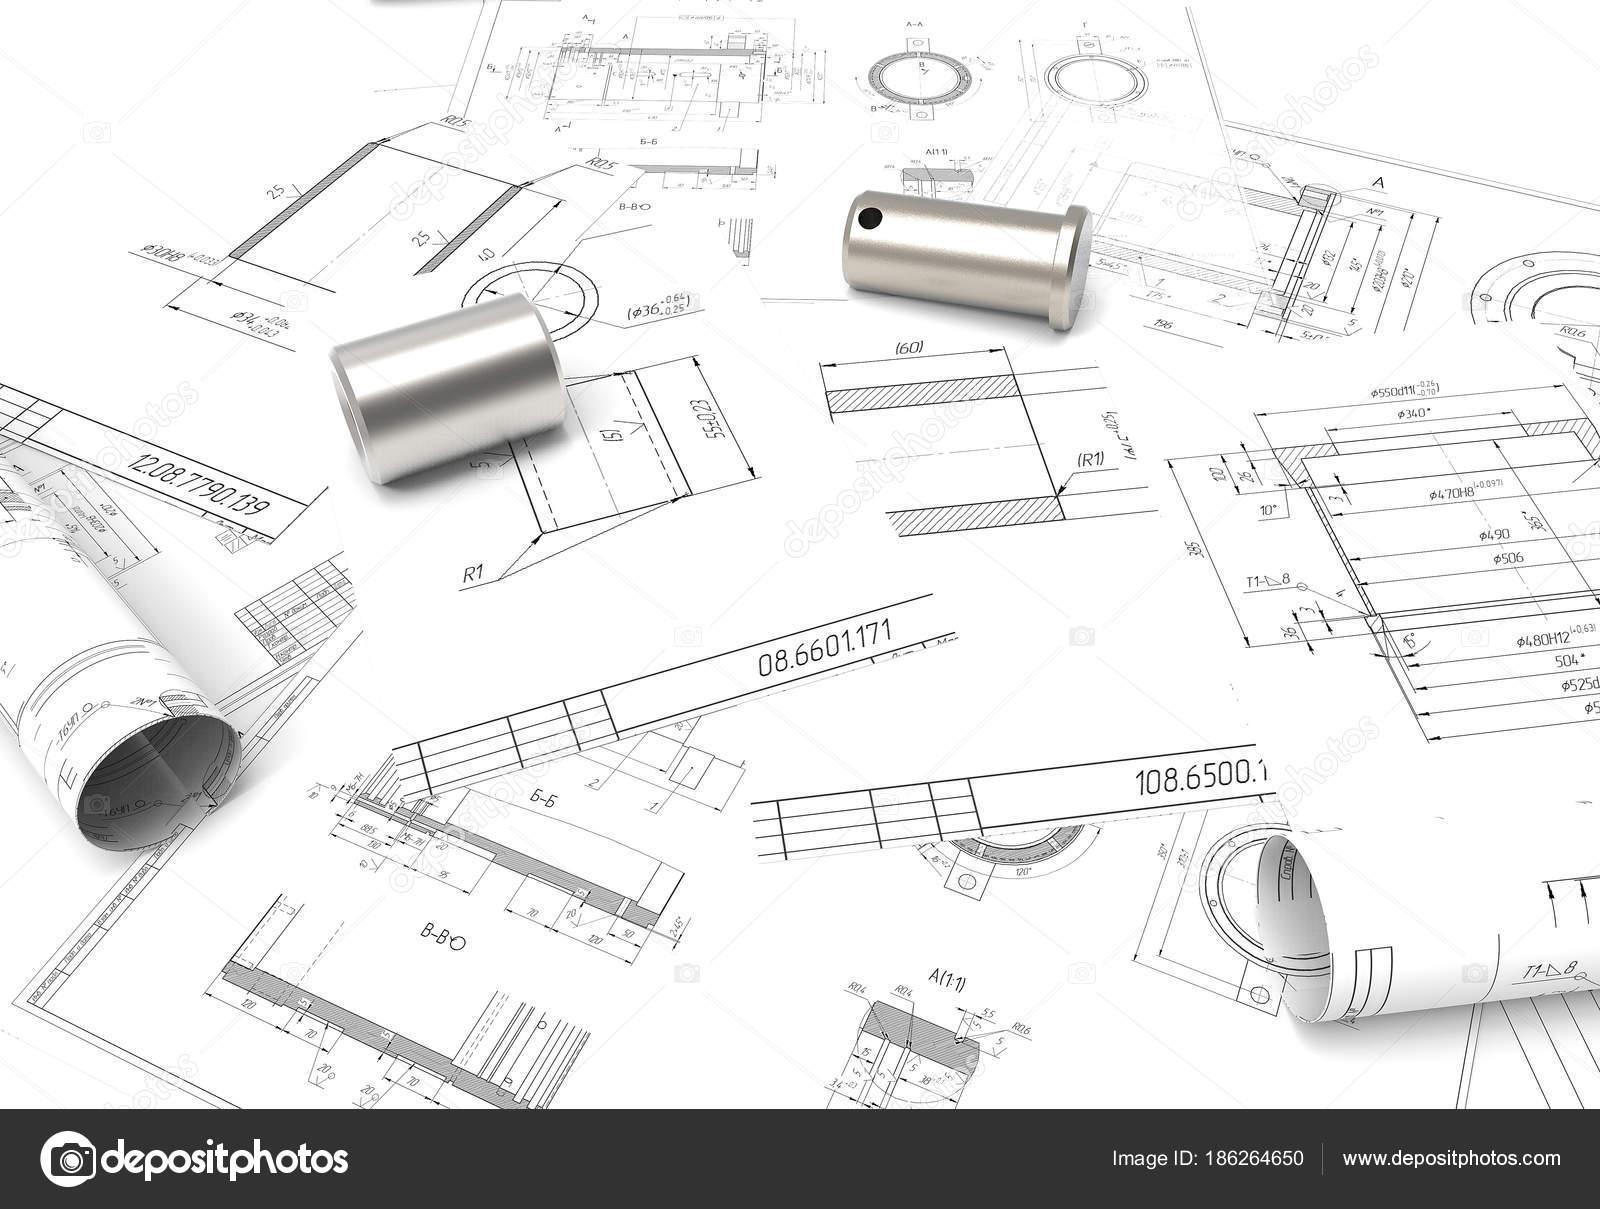 Kresleni Strojnich Soucasti Projektovou Dokumentaci Kresby A